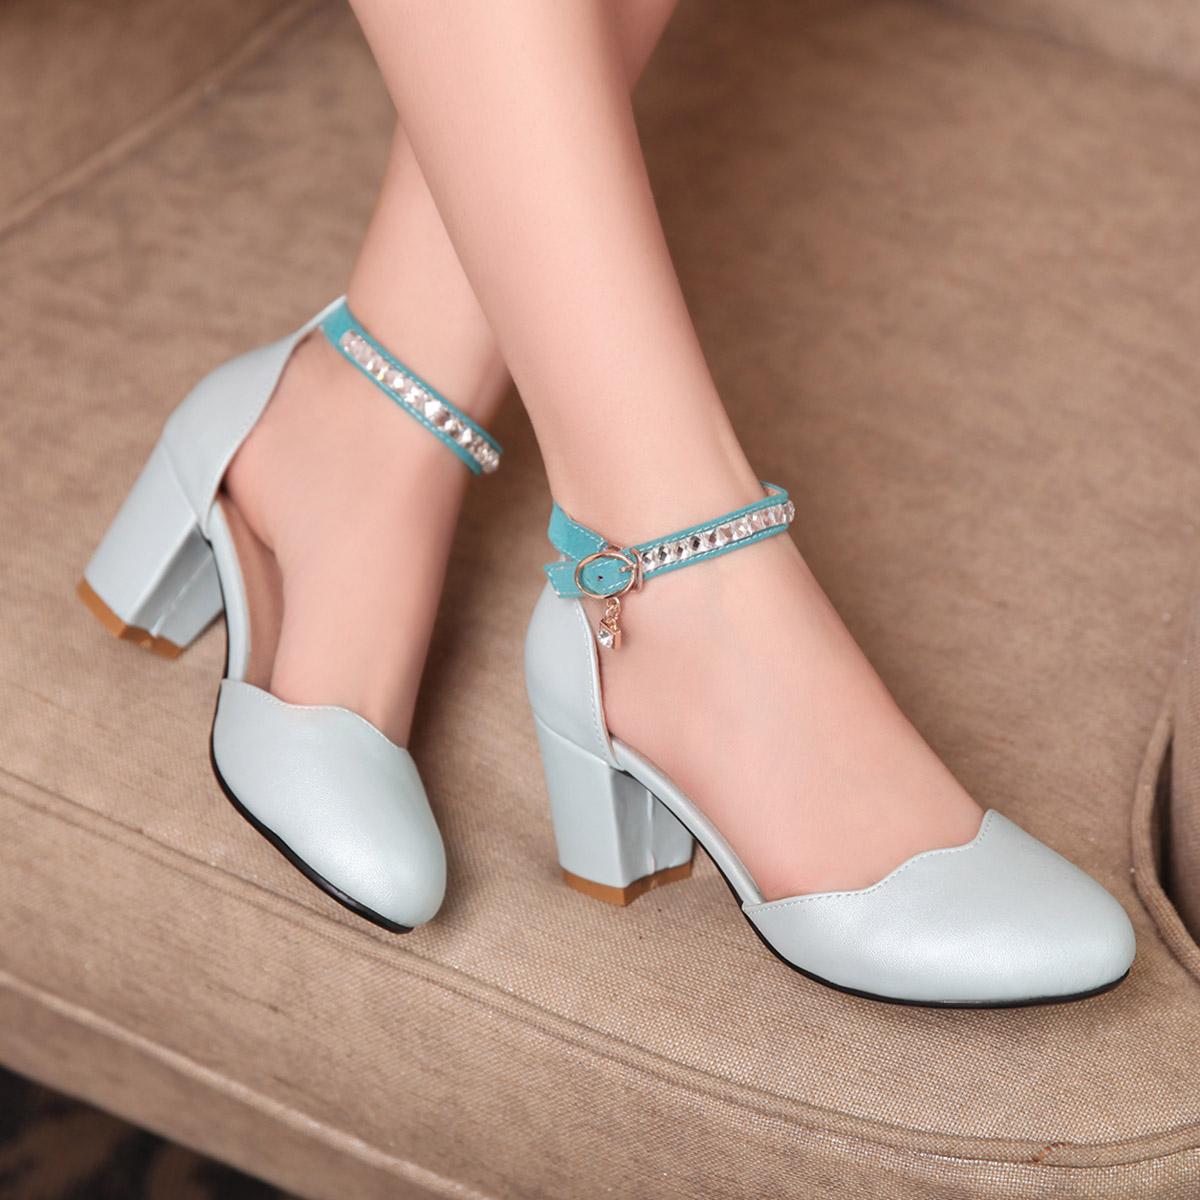 香香莉美之美曼莎露迪骄履女鞋2015新款康妮平跟韩版凉鞋新